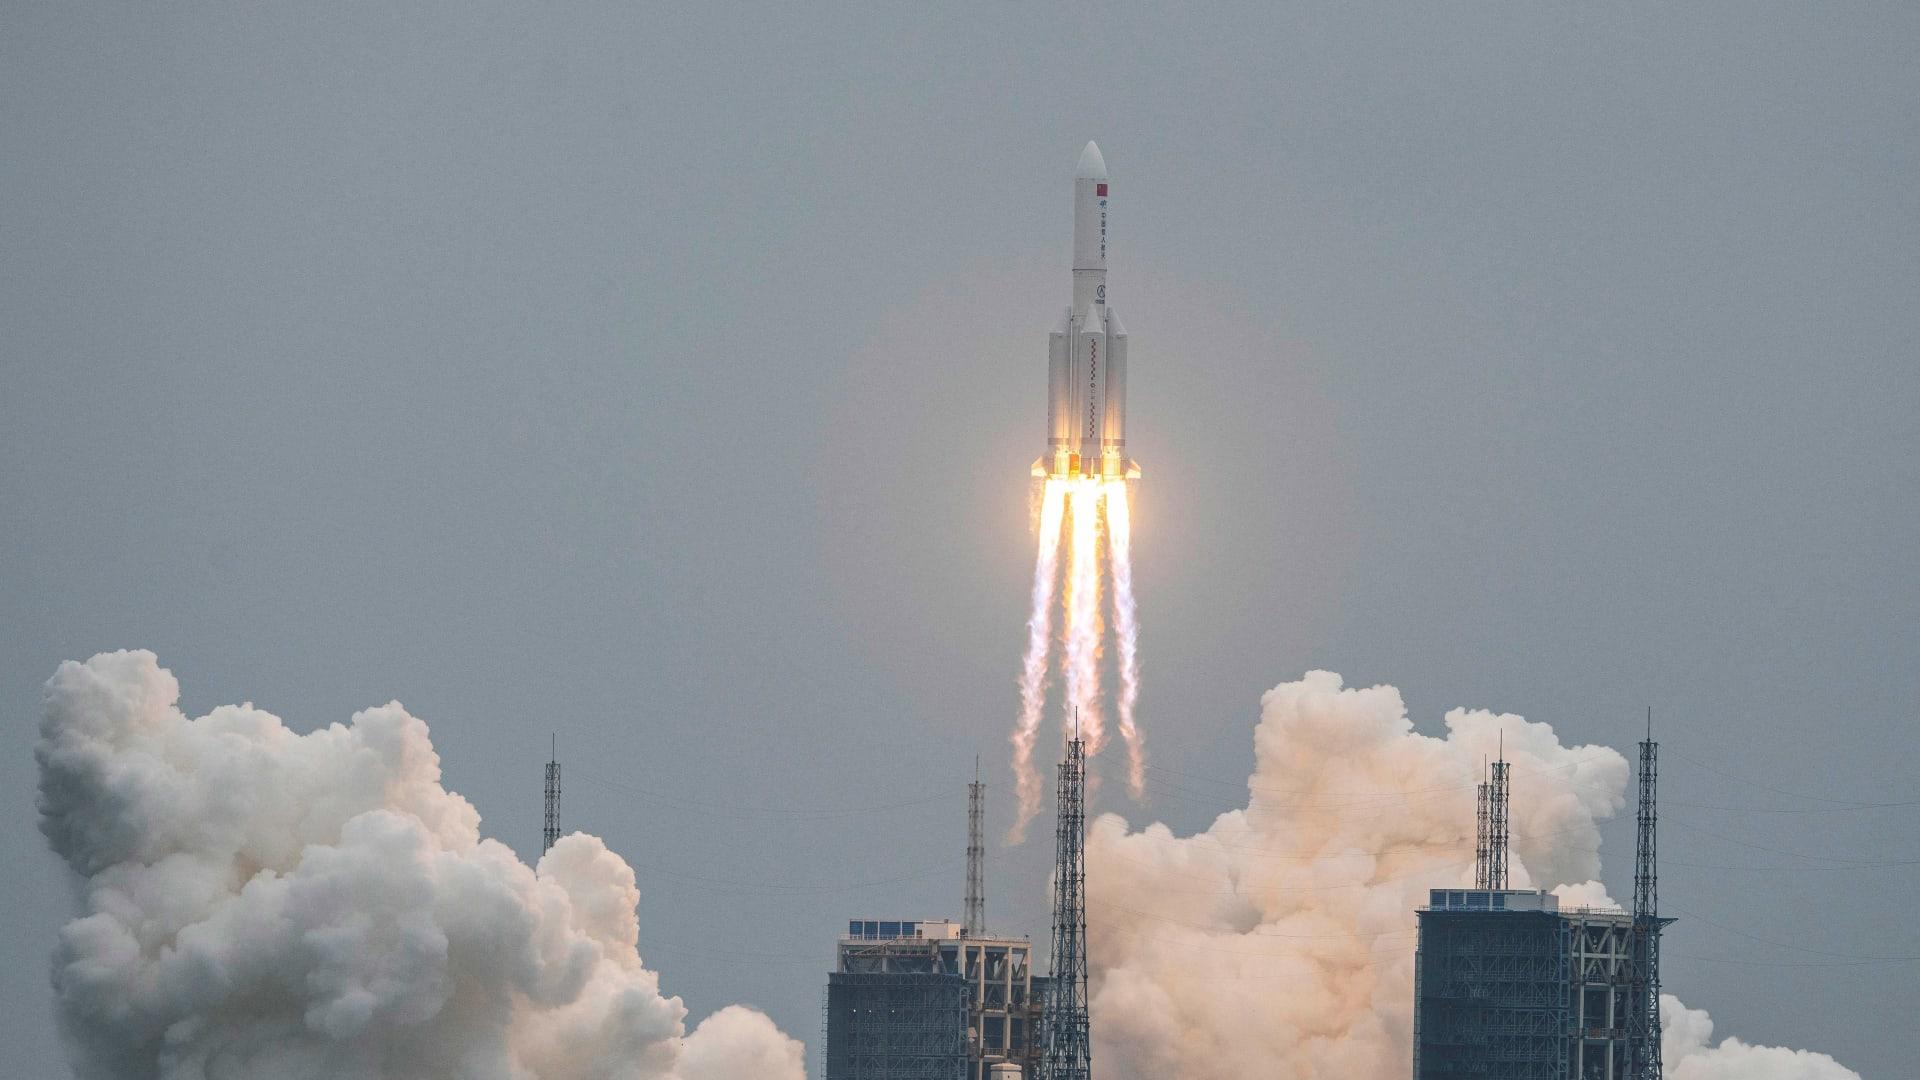 مركز الفلك الدولي يعلن موعد مرور الصاروخ الصيني التائه فوق المنطقة العربية